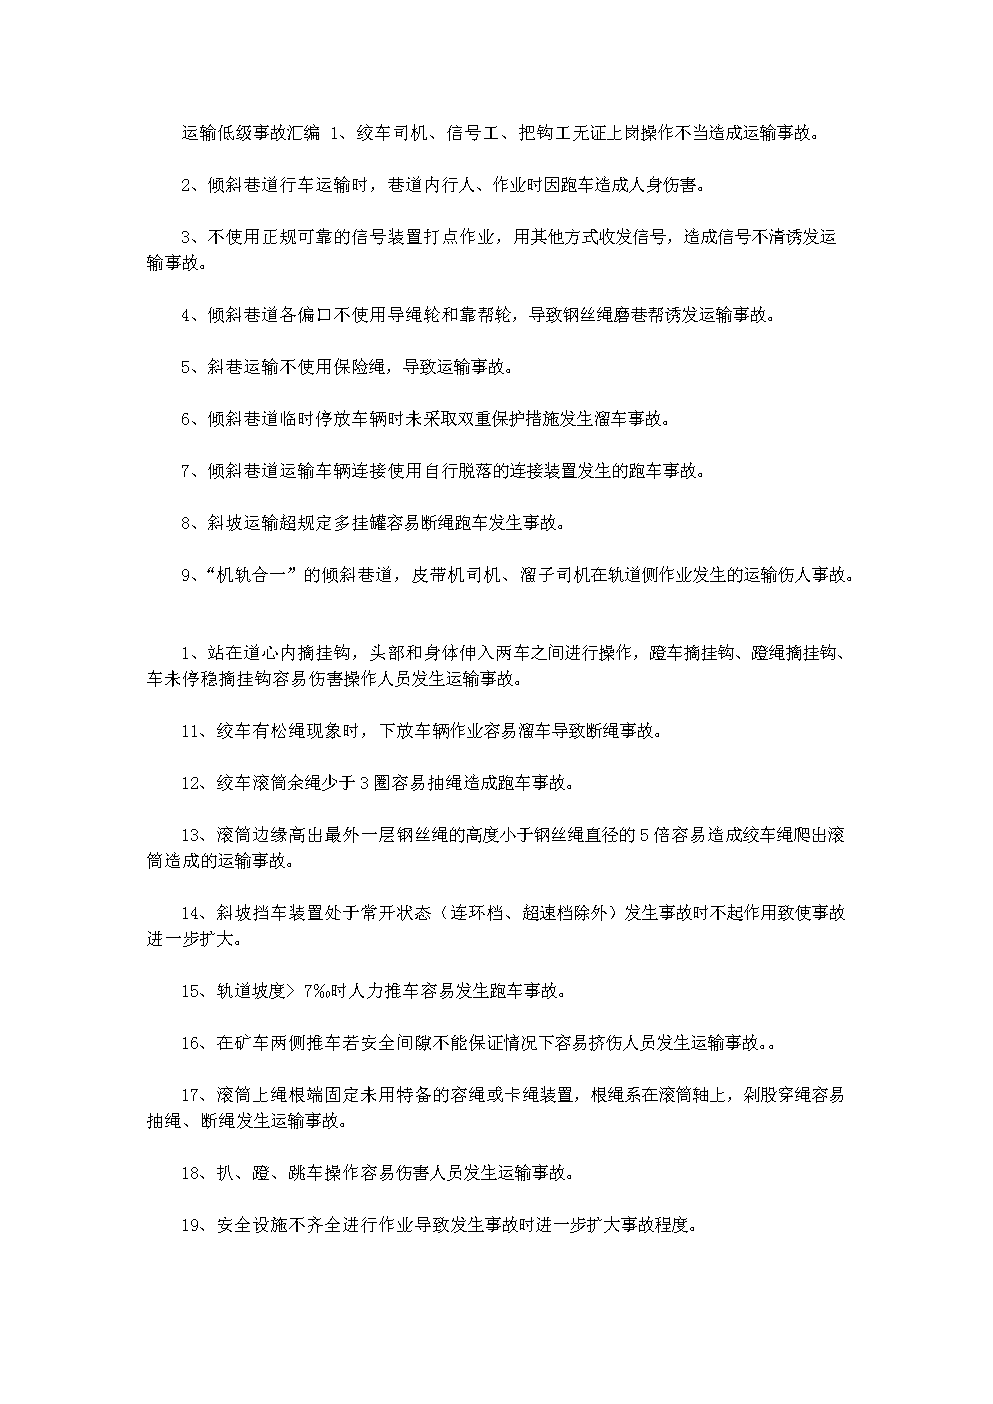 2020年_运输管理低级事故汇编.doc